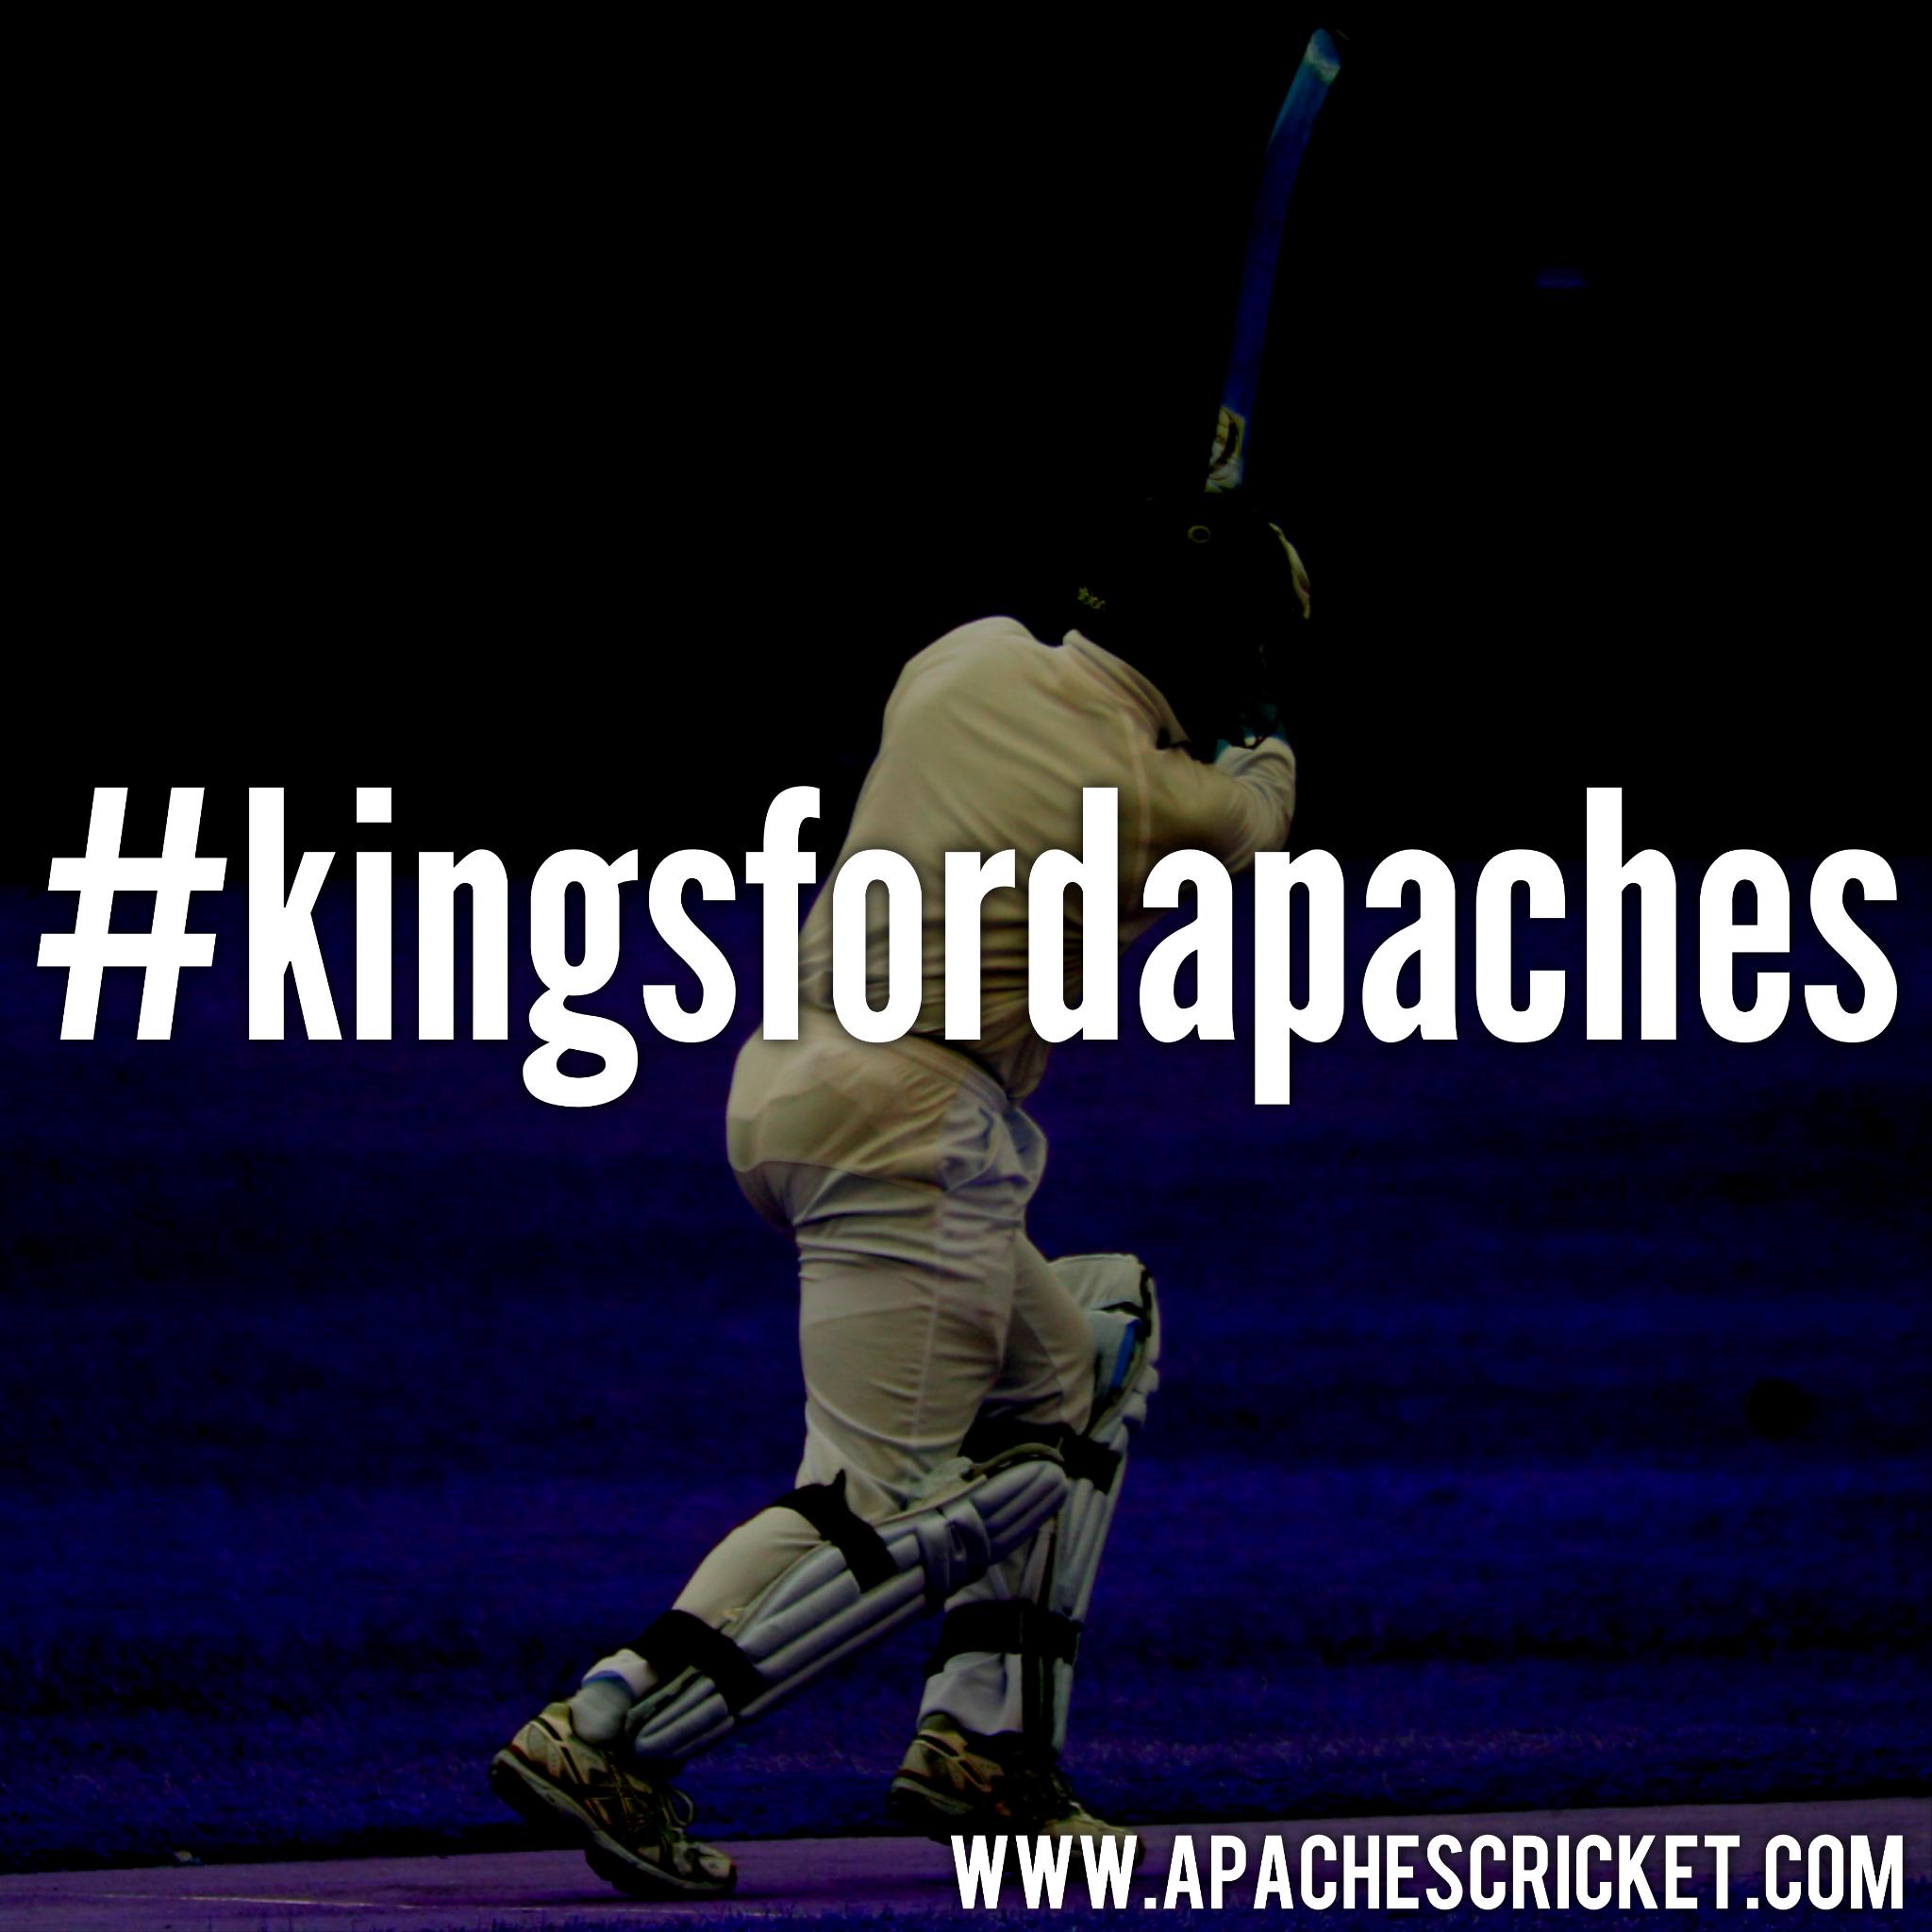 #kingsfordapaches